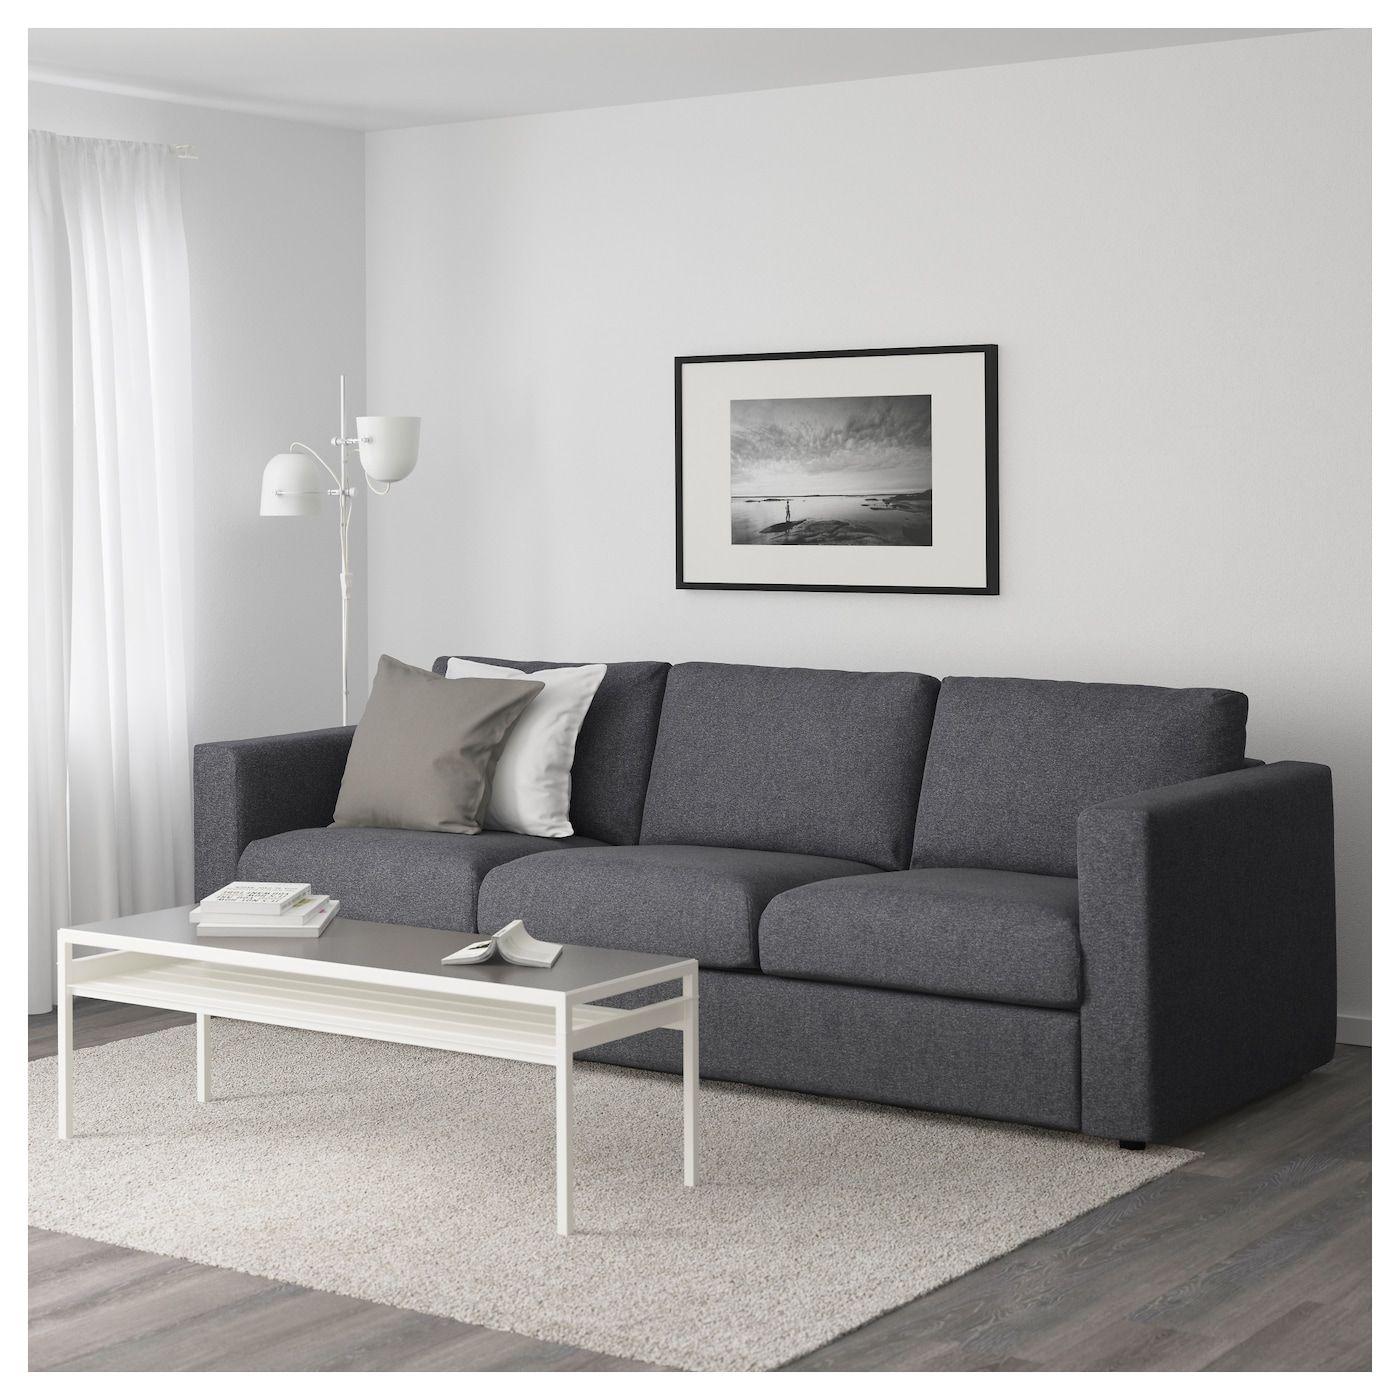 Vimle 3er Sofa Gunnared Mittelgrau Ikea Osterreich 2er Sofa 3er Sofa Elegantes Wohnzimmer